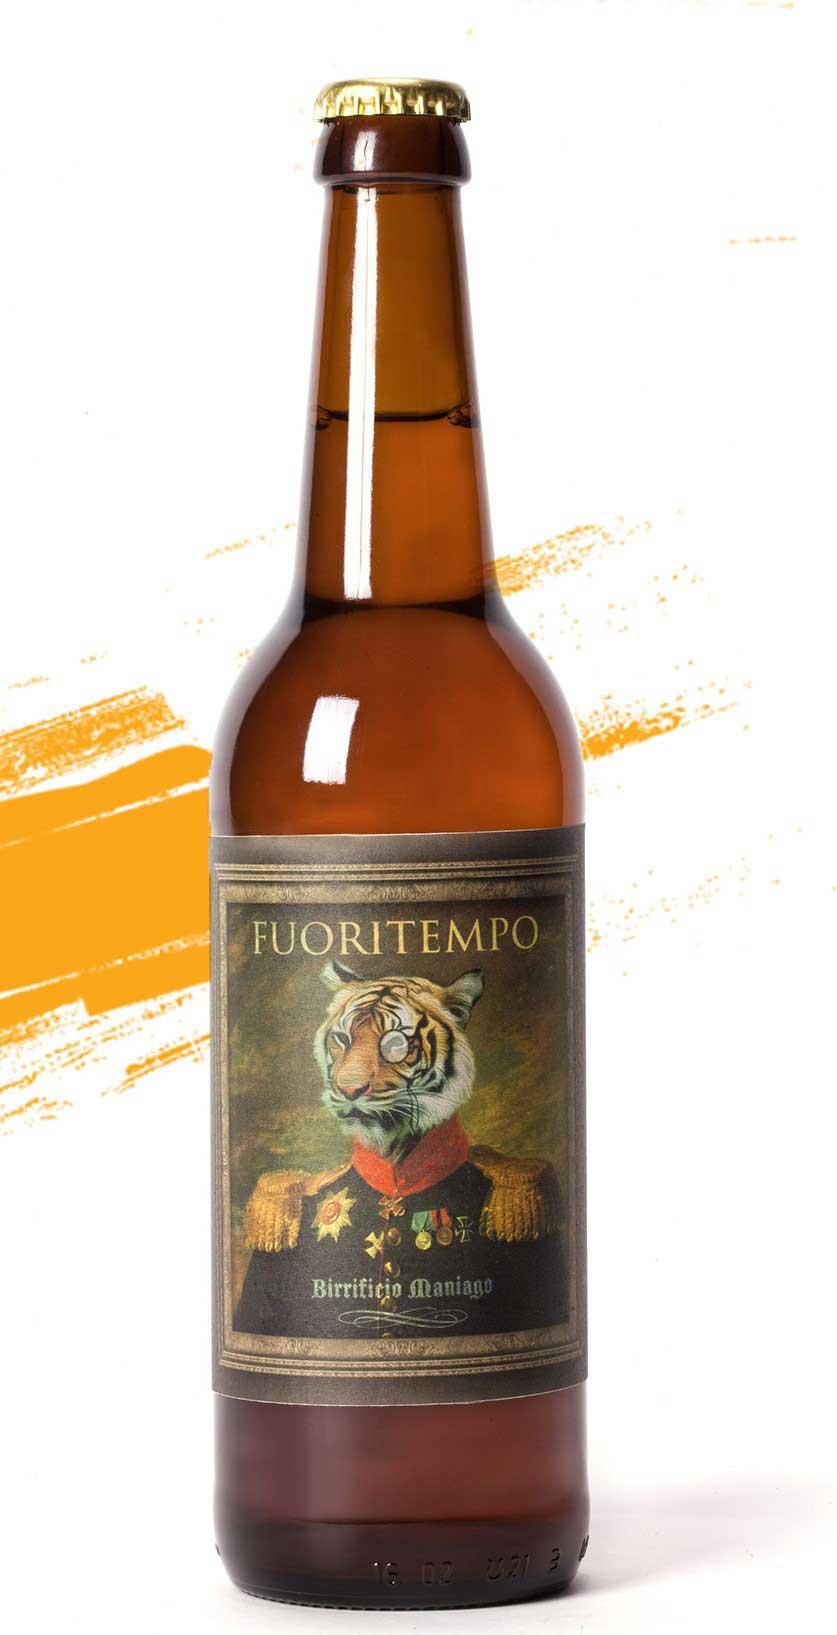 Fuoritempo - Birrificio di Maniago - Bottiglia da o.5 L